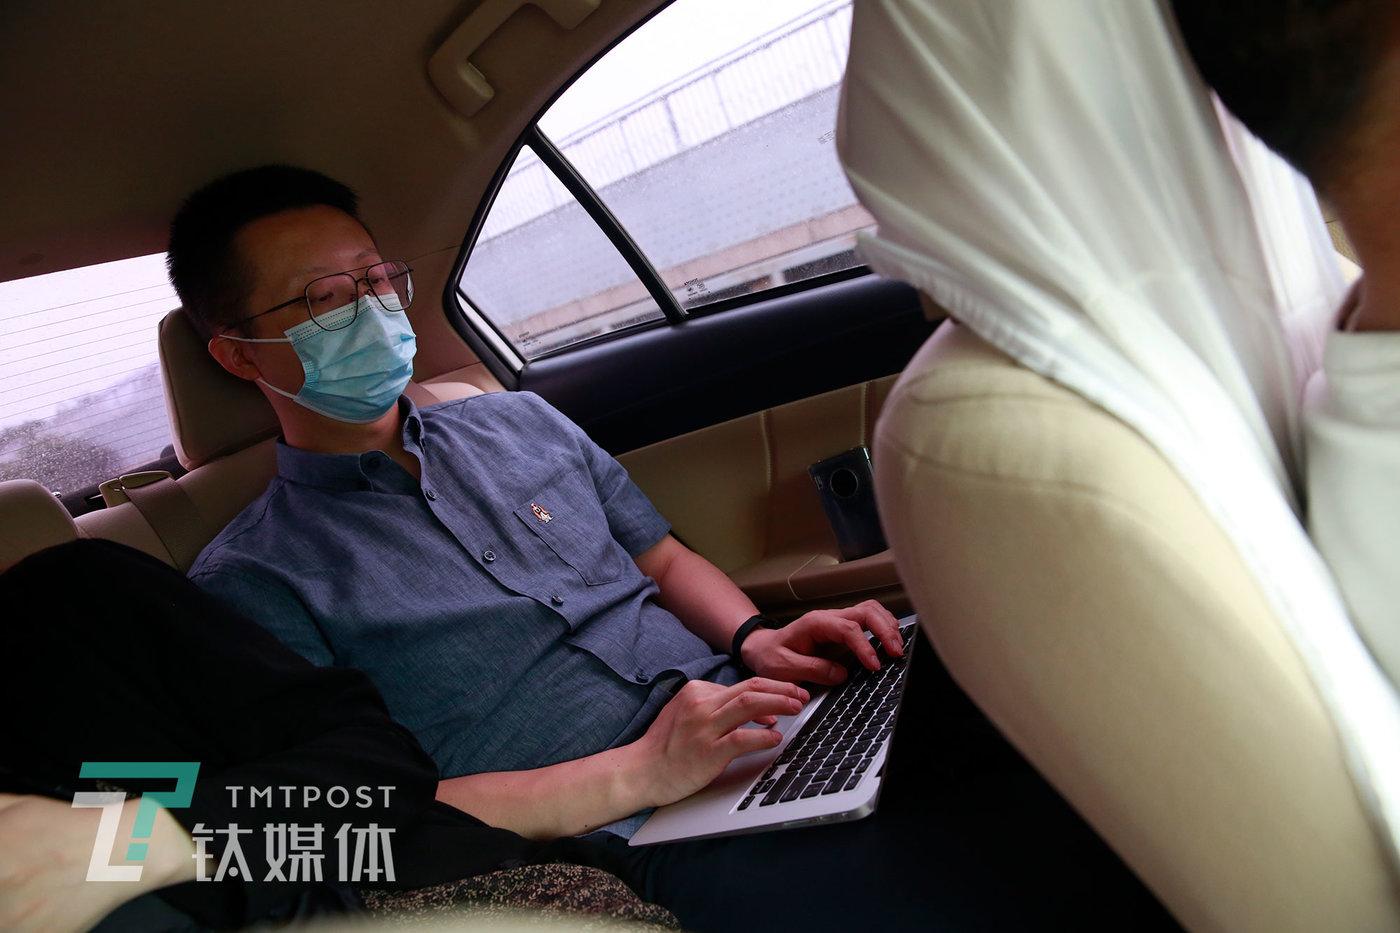 6月8日,师烨东和同事一起前往借用的摄影棚去录制视频,期间在车上继续改修视频文案。